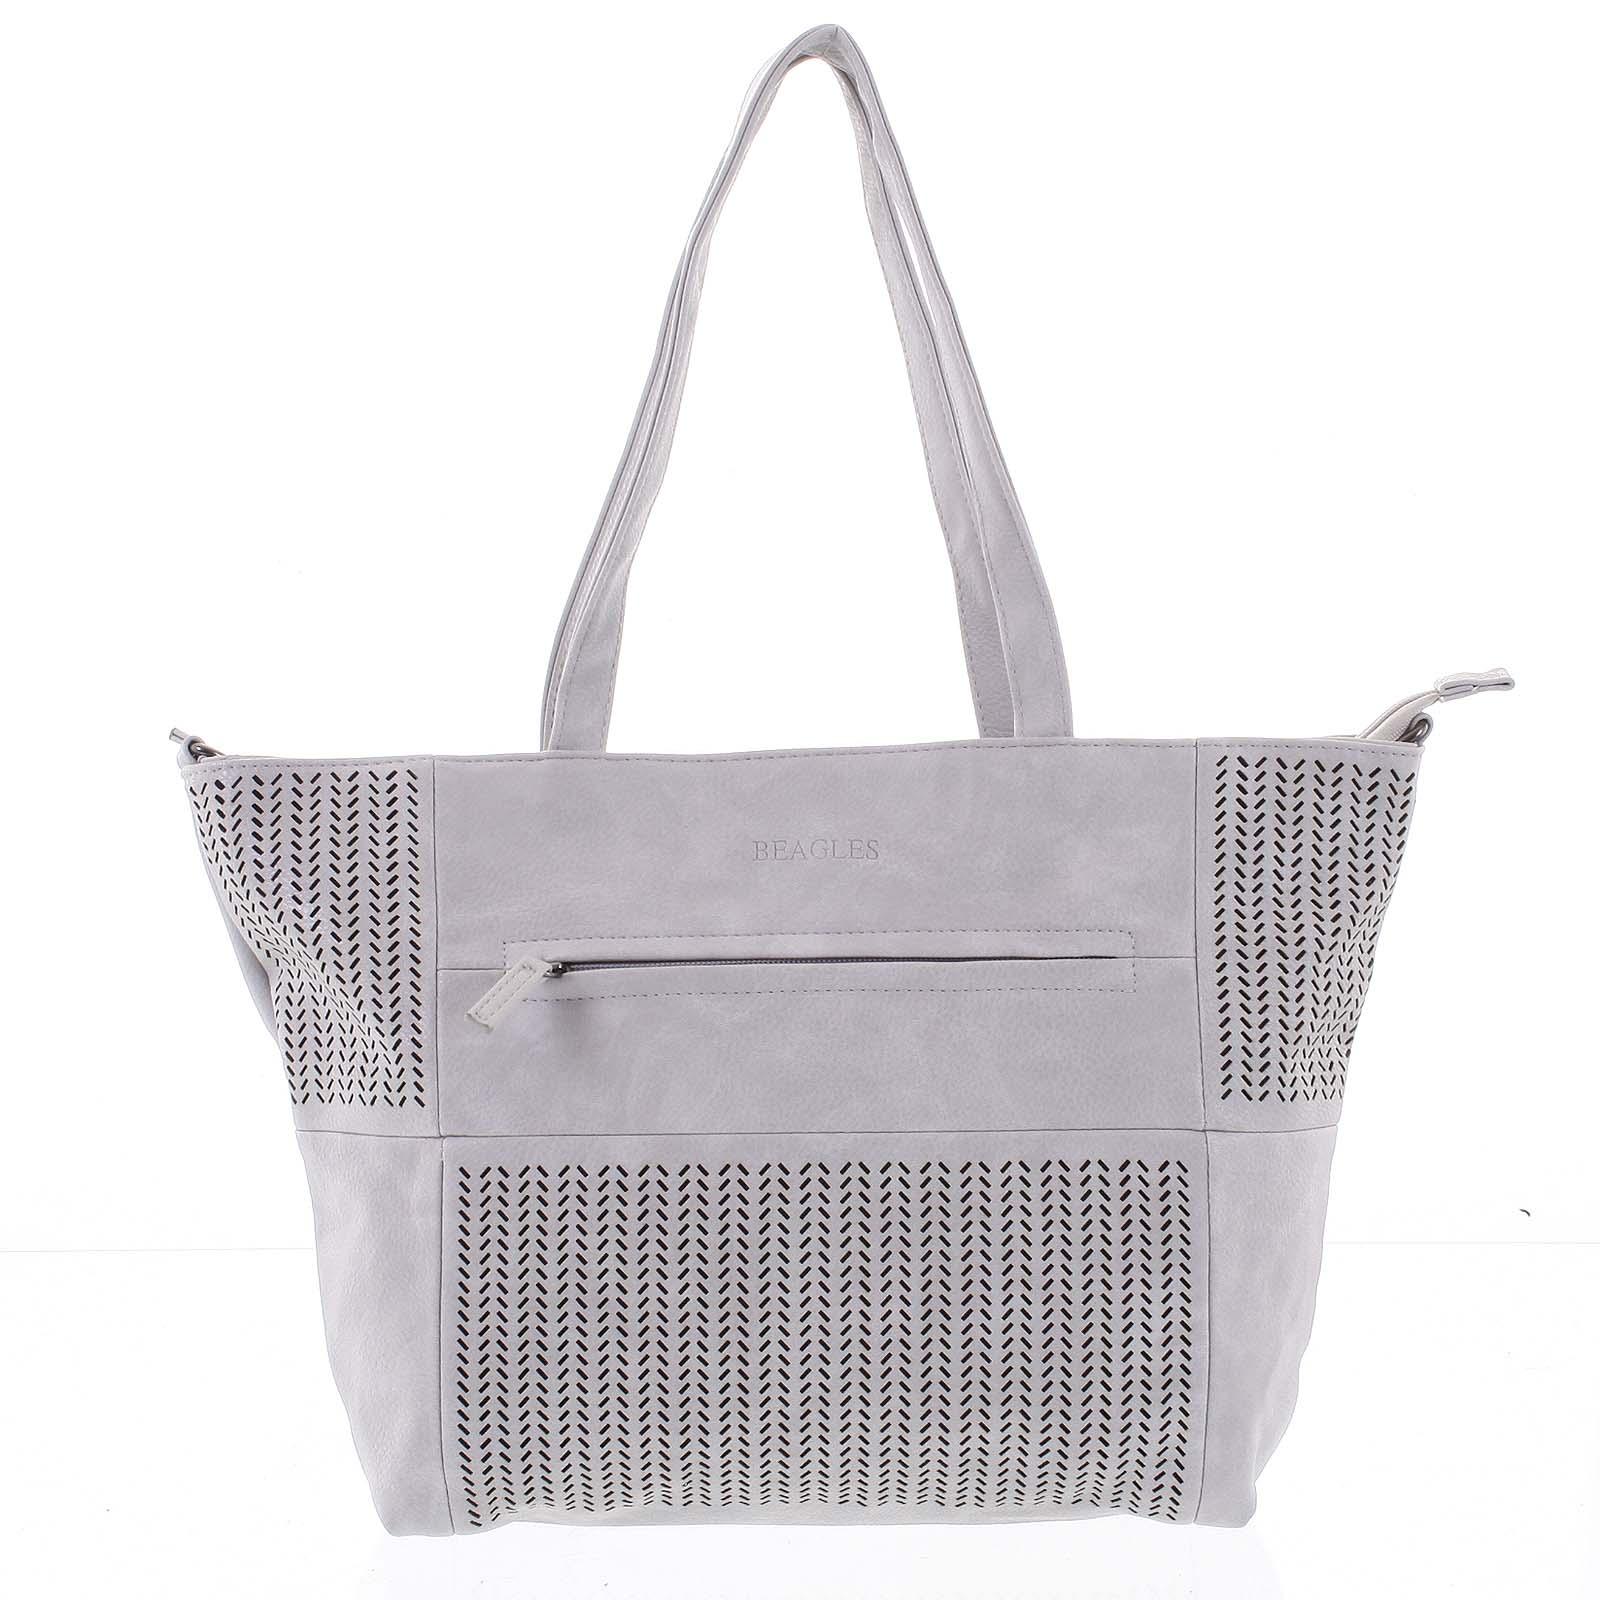 Elegantná perforovaná dámska kabelka cez rameno svetlo šedá - Beagles Lema šedá